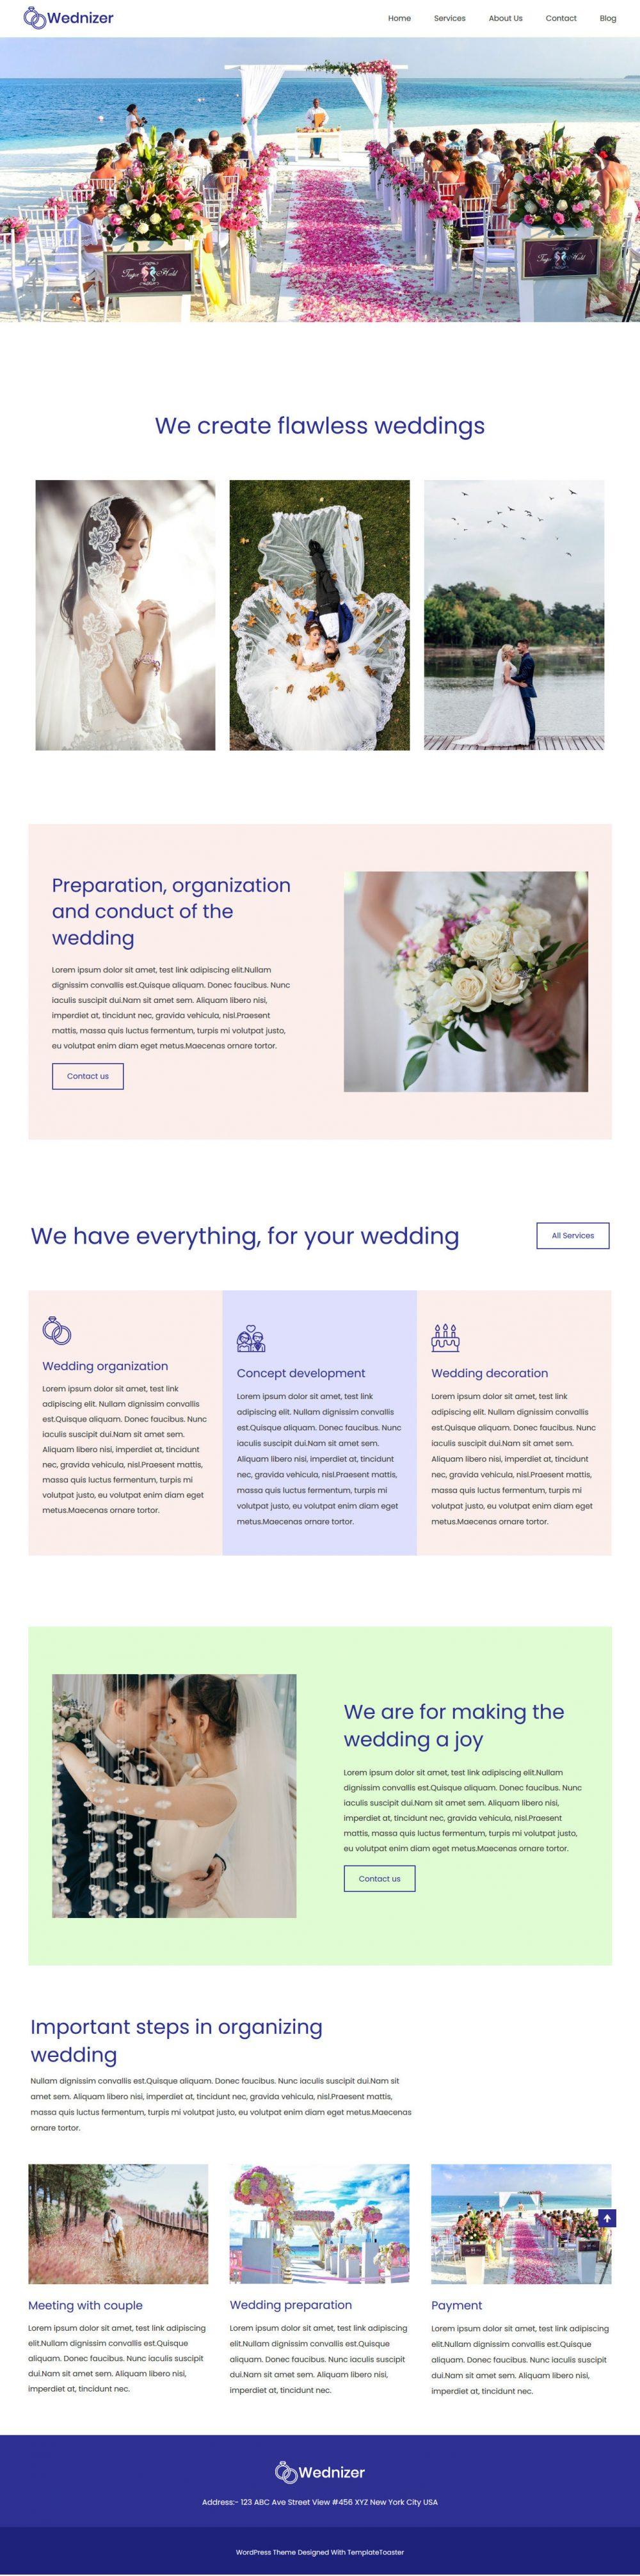 wednizer wedding organizer agency drupal theme